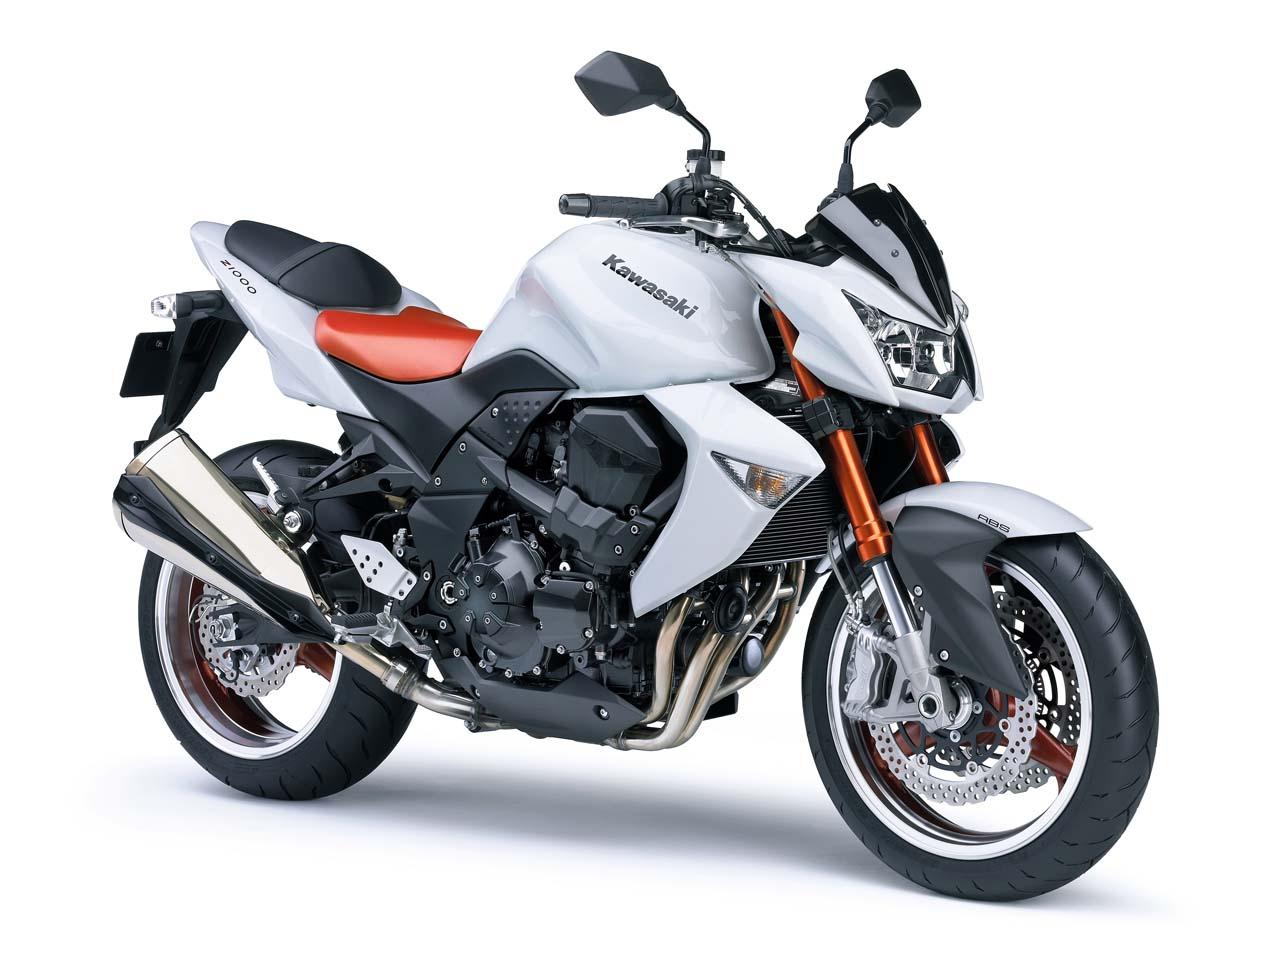 The Amazing Of 2010 Kawasaki Ninja 250r